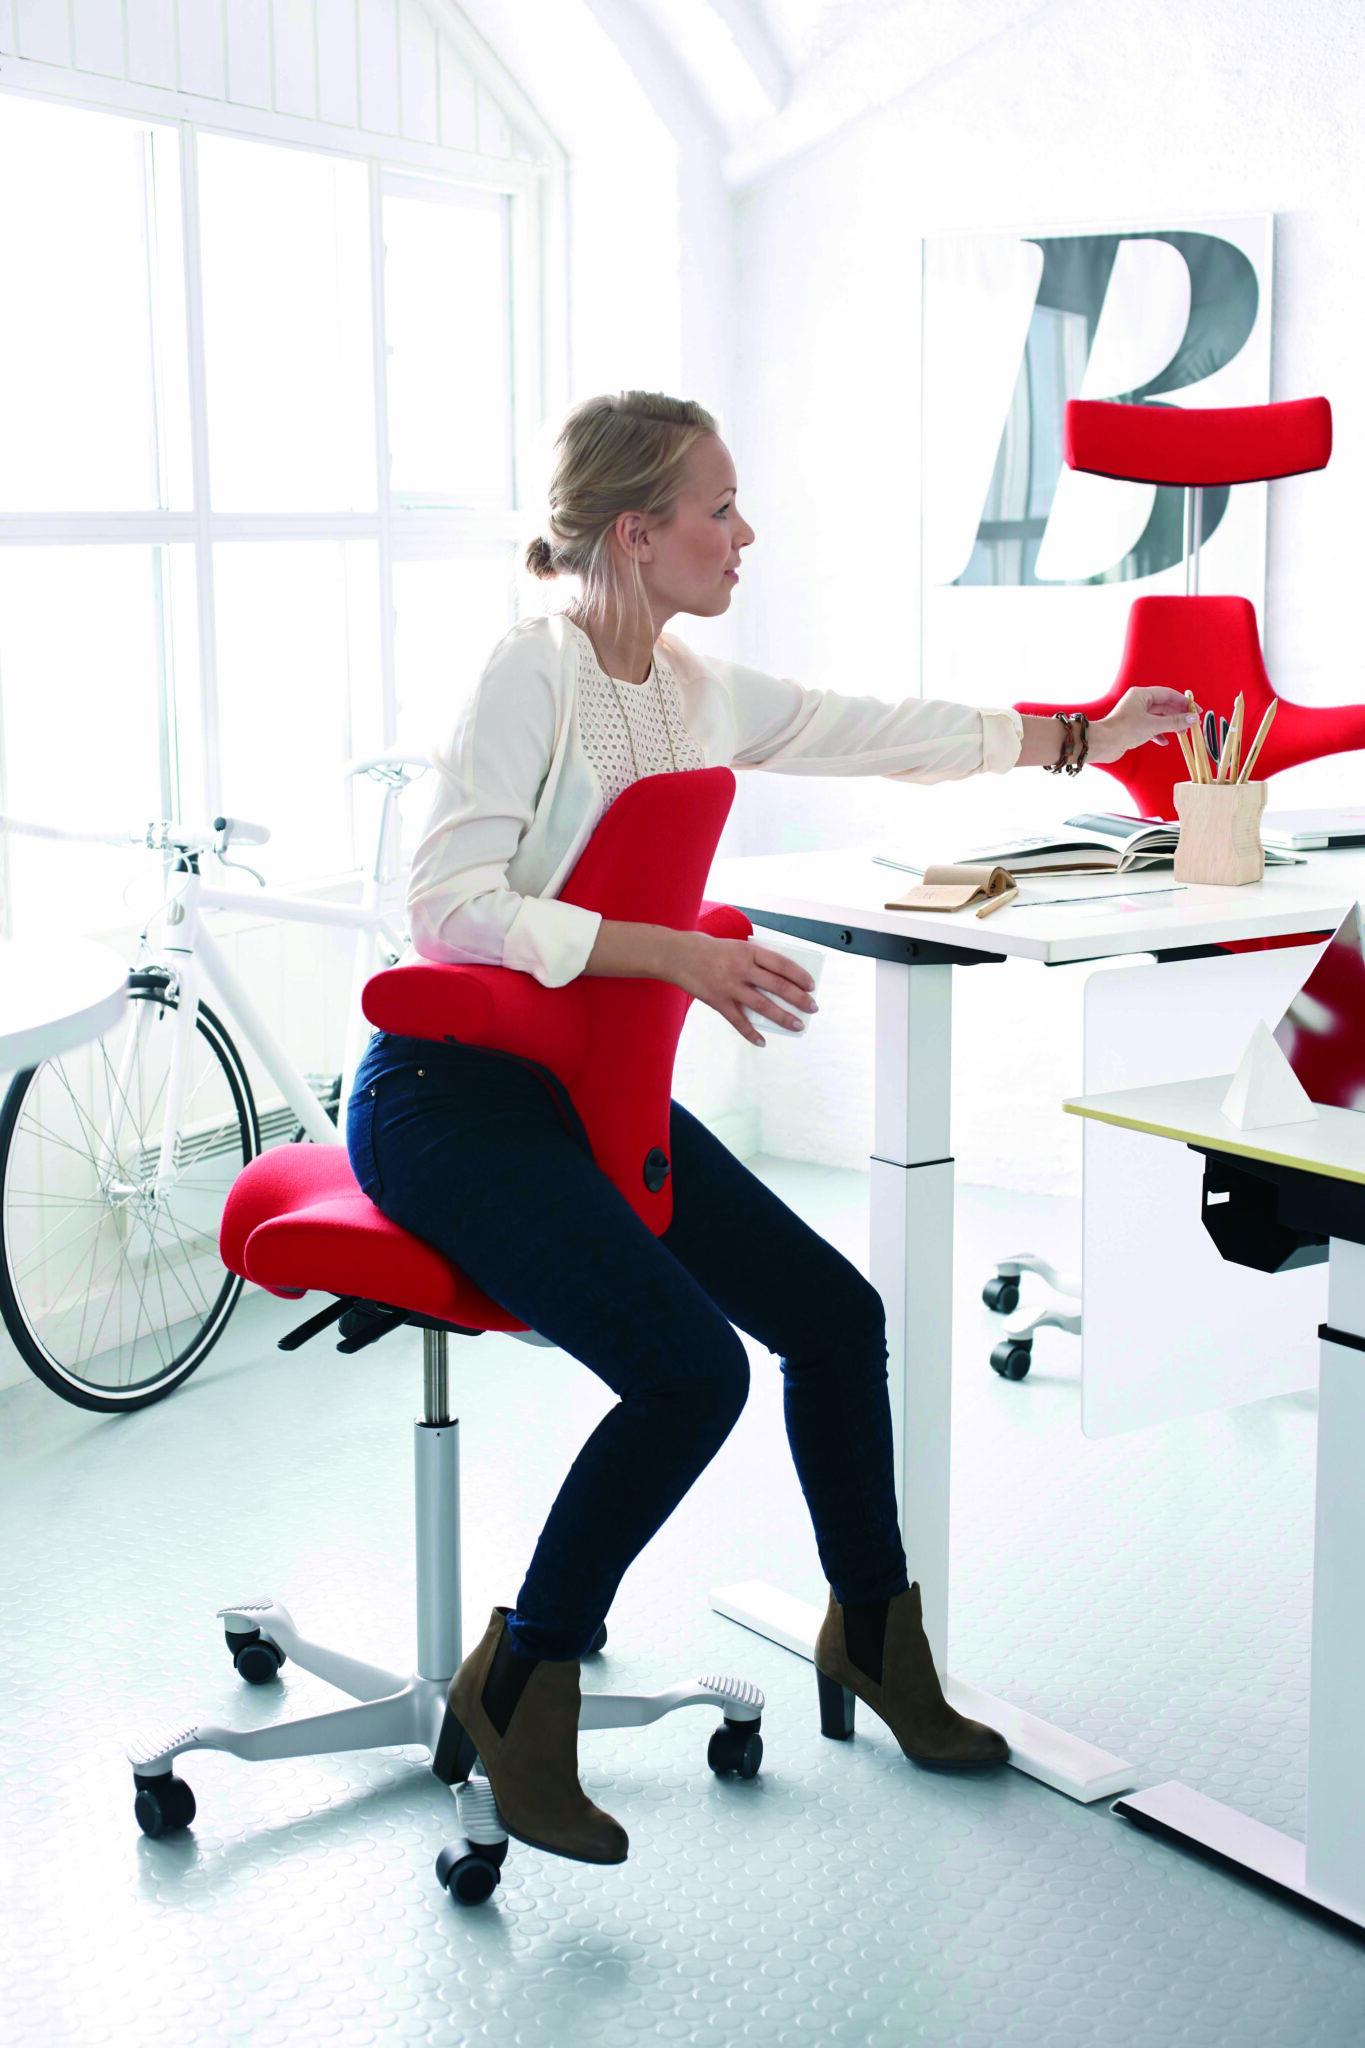 HÅG Capisco kantoorinrichting - kantoormeubelen Den Haag Heering Office ergonomie